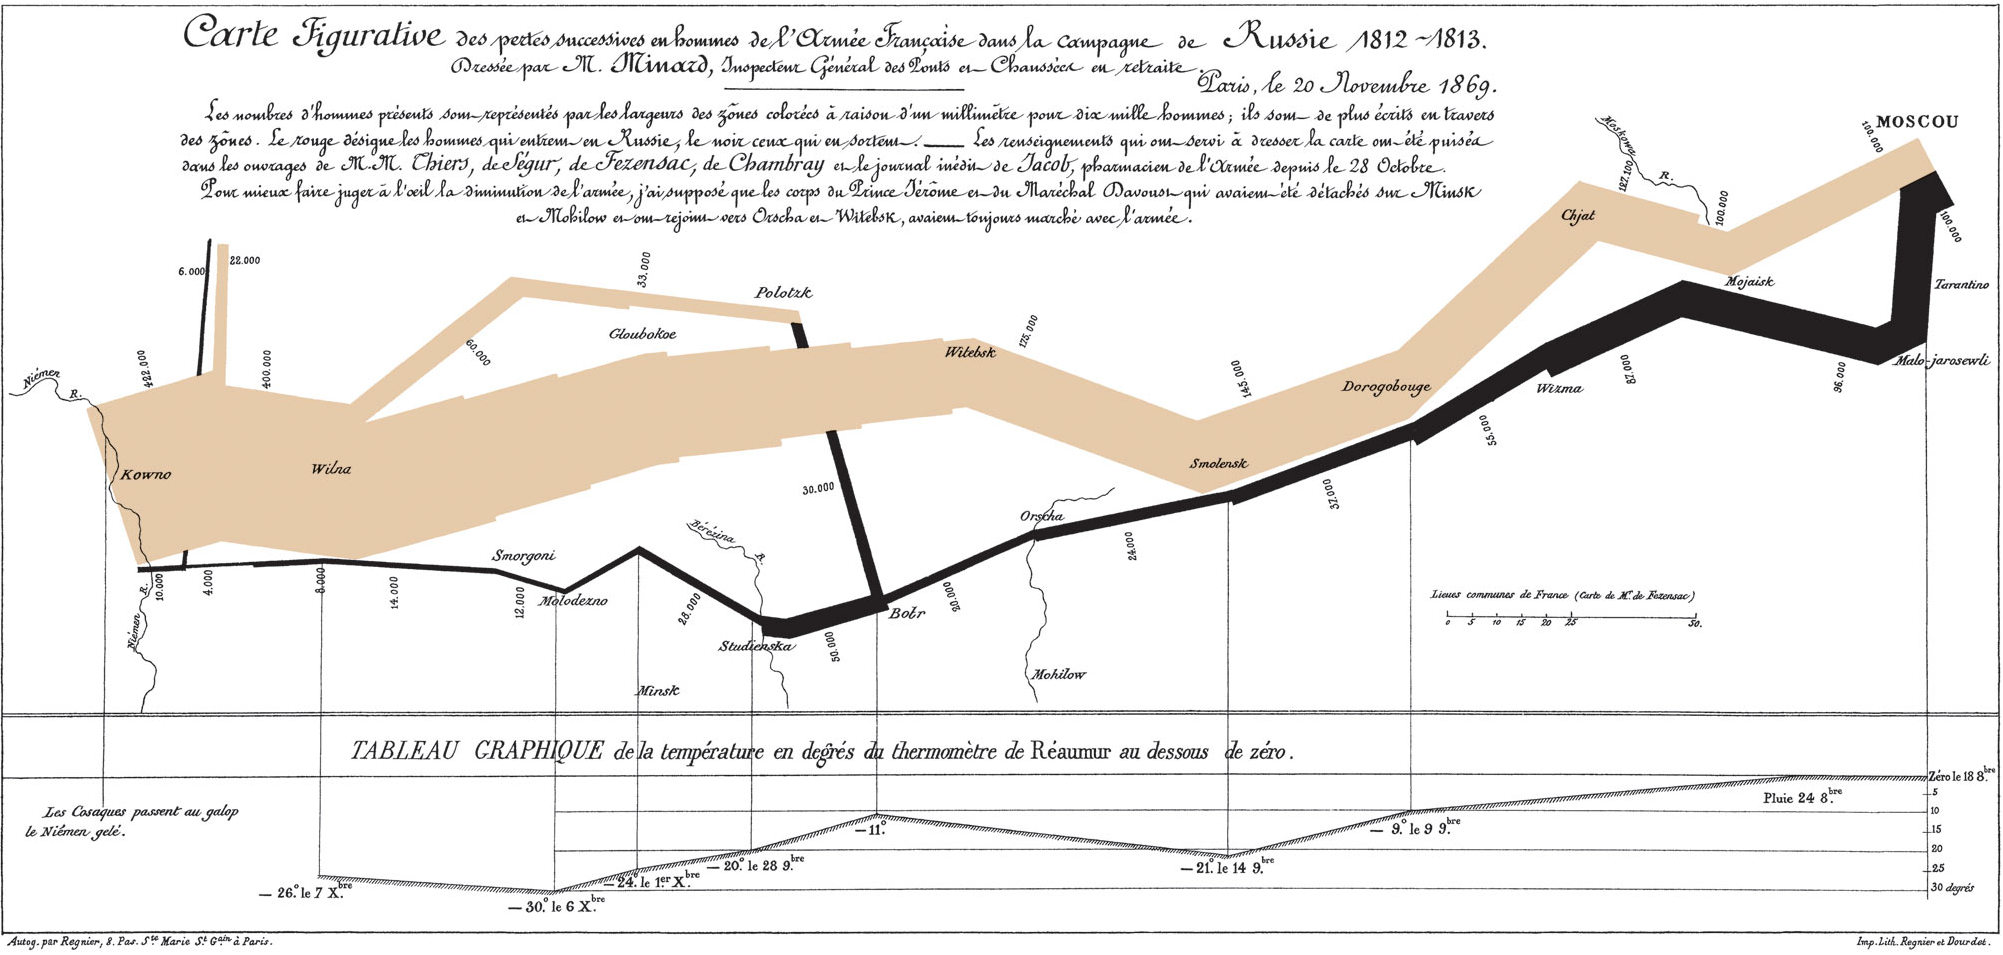 Napoleon's March